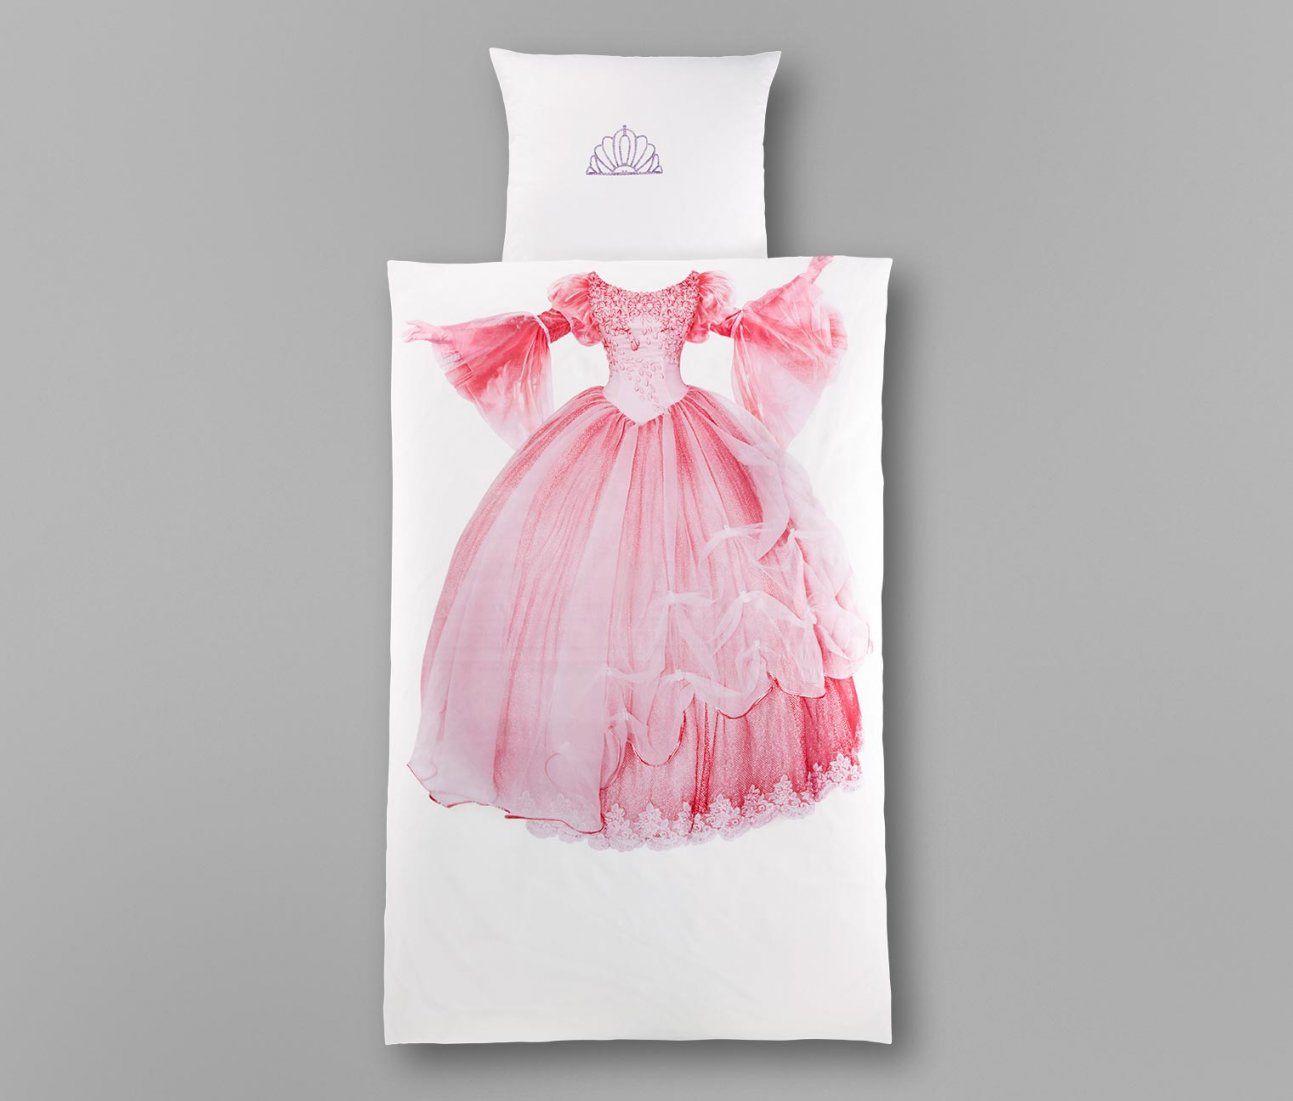 Satinbettwäsche Prinzessin Online Bestellen Bei Tchibo 310567 von Bettwäsche Prinzessin Kleid Photo